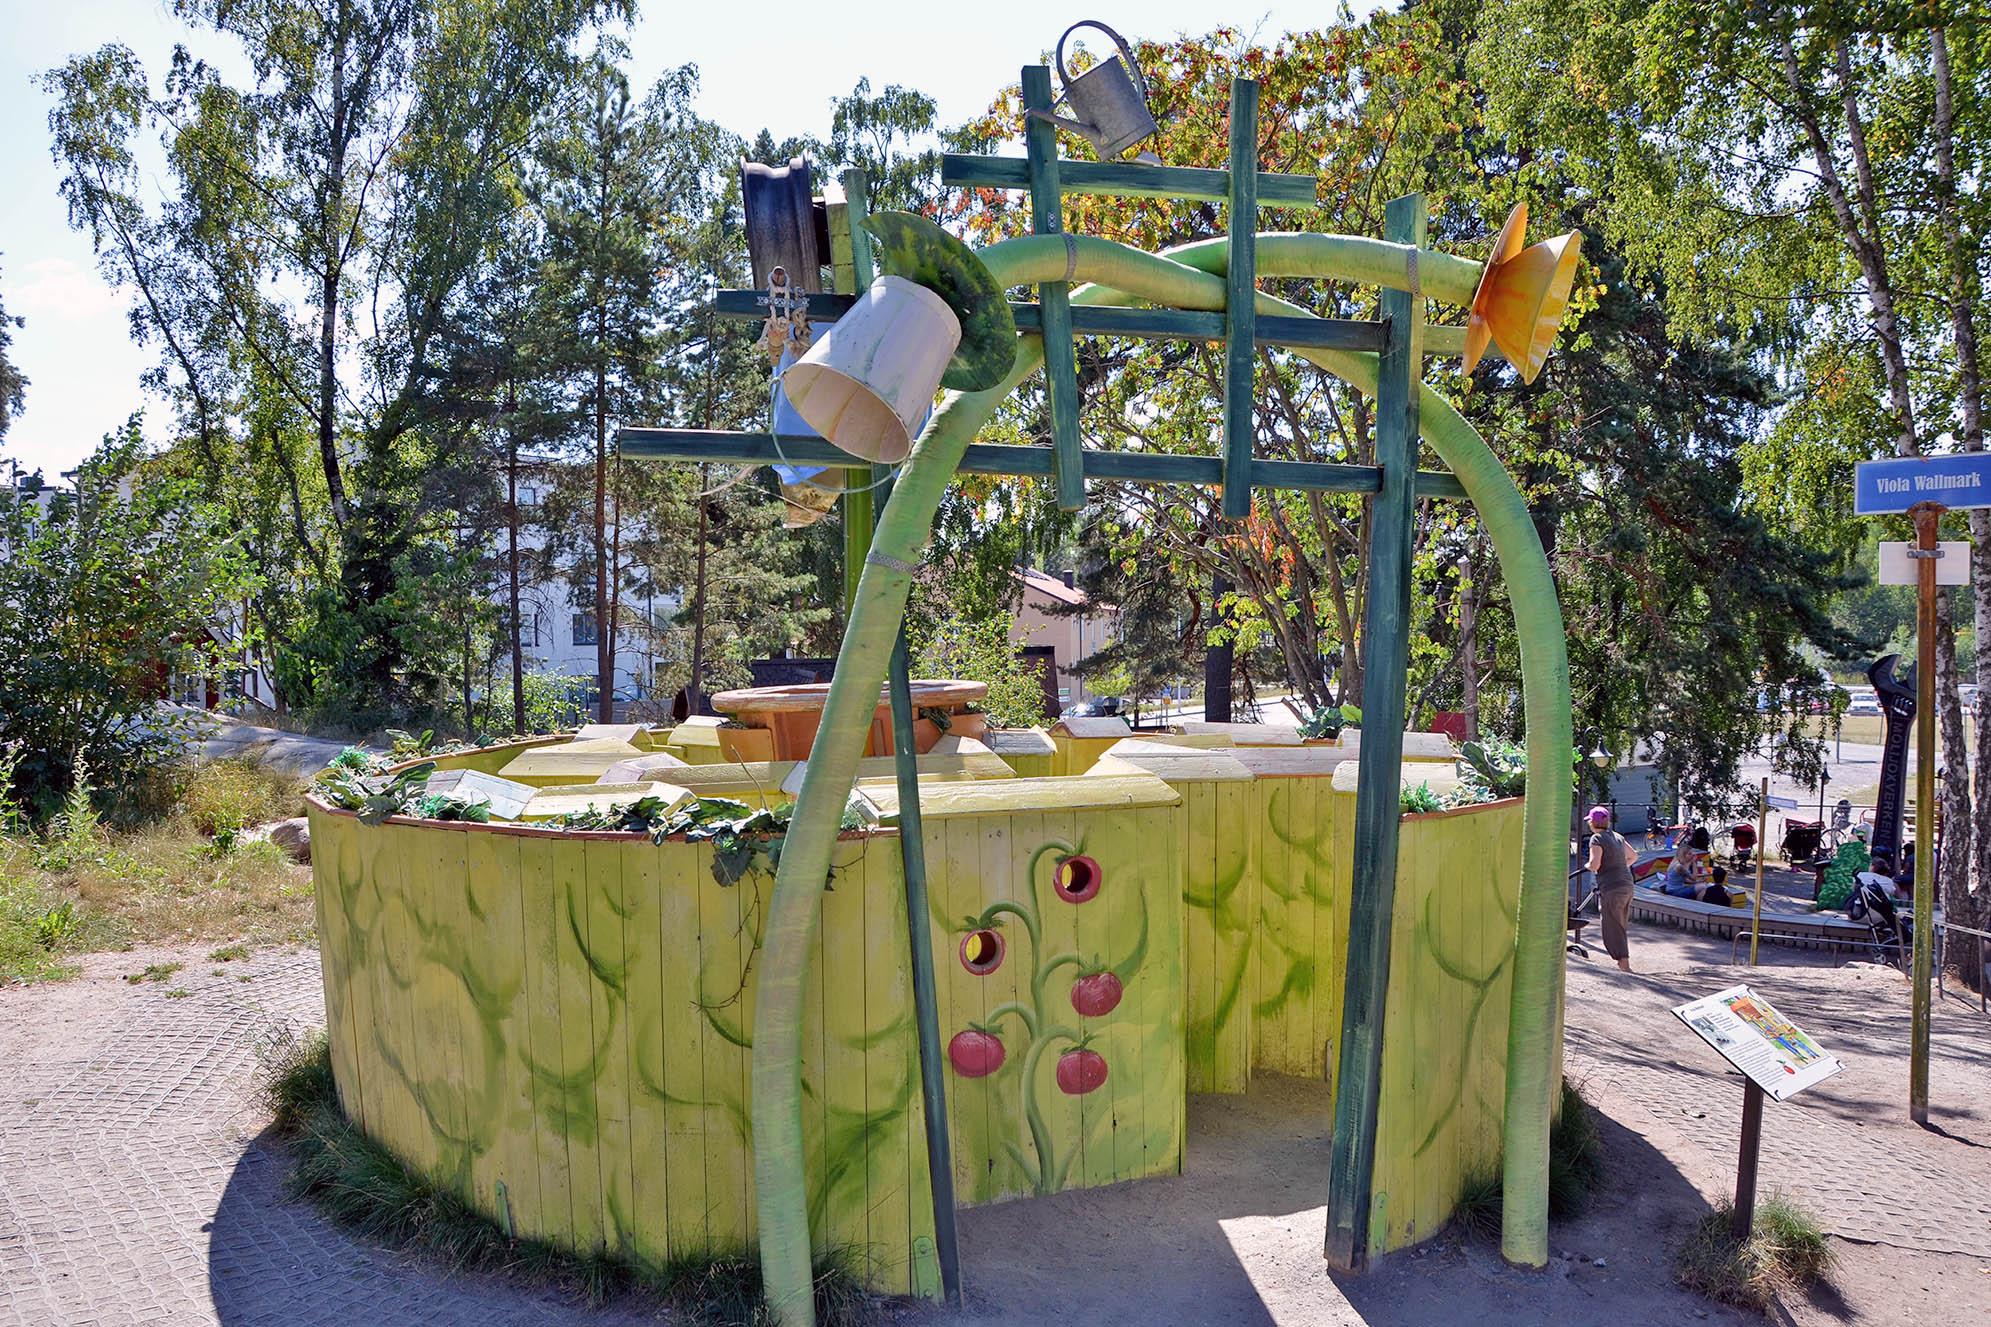 Mulle Meck-parken Järvastaden Stockholms bästa lekplatser